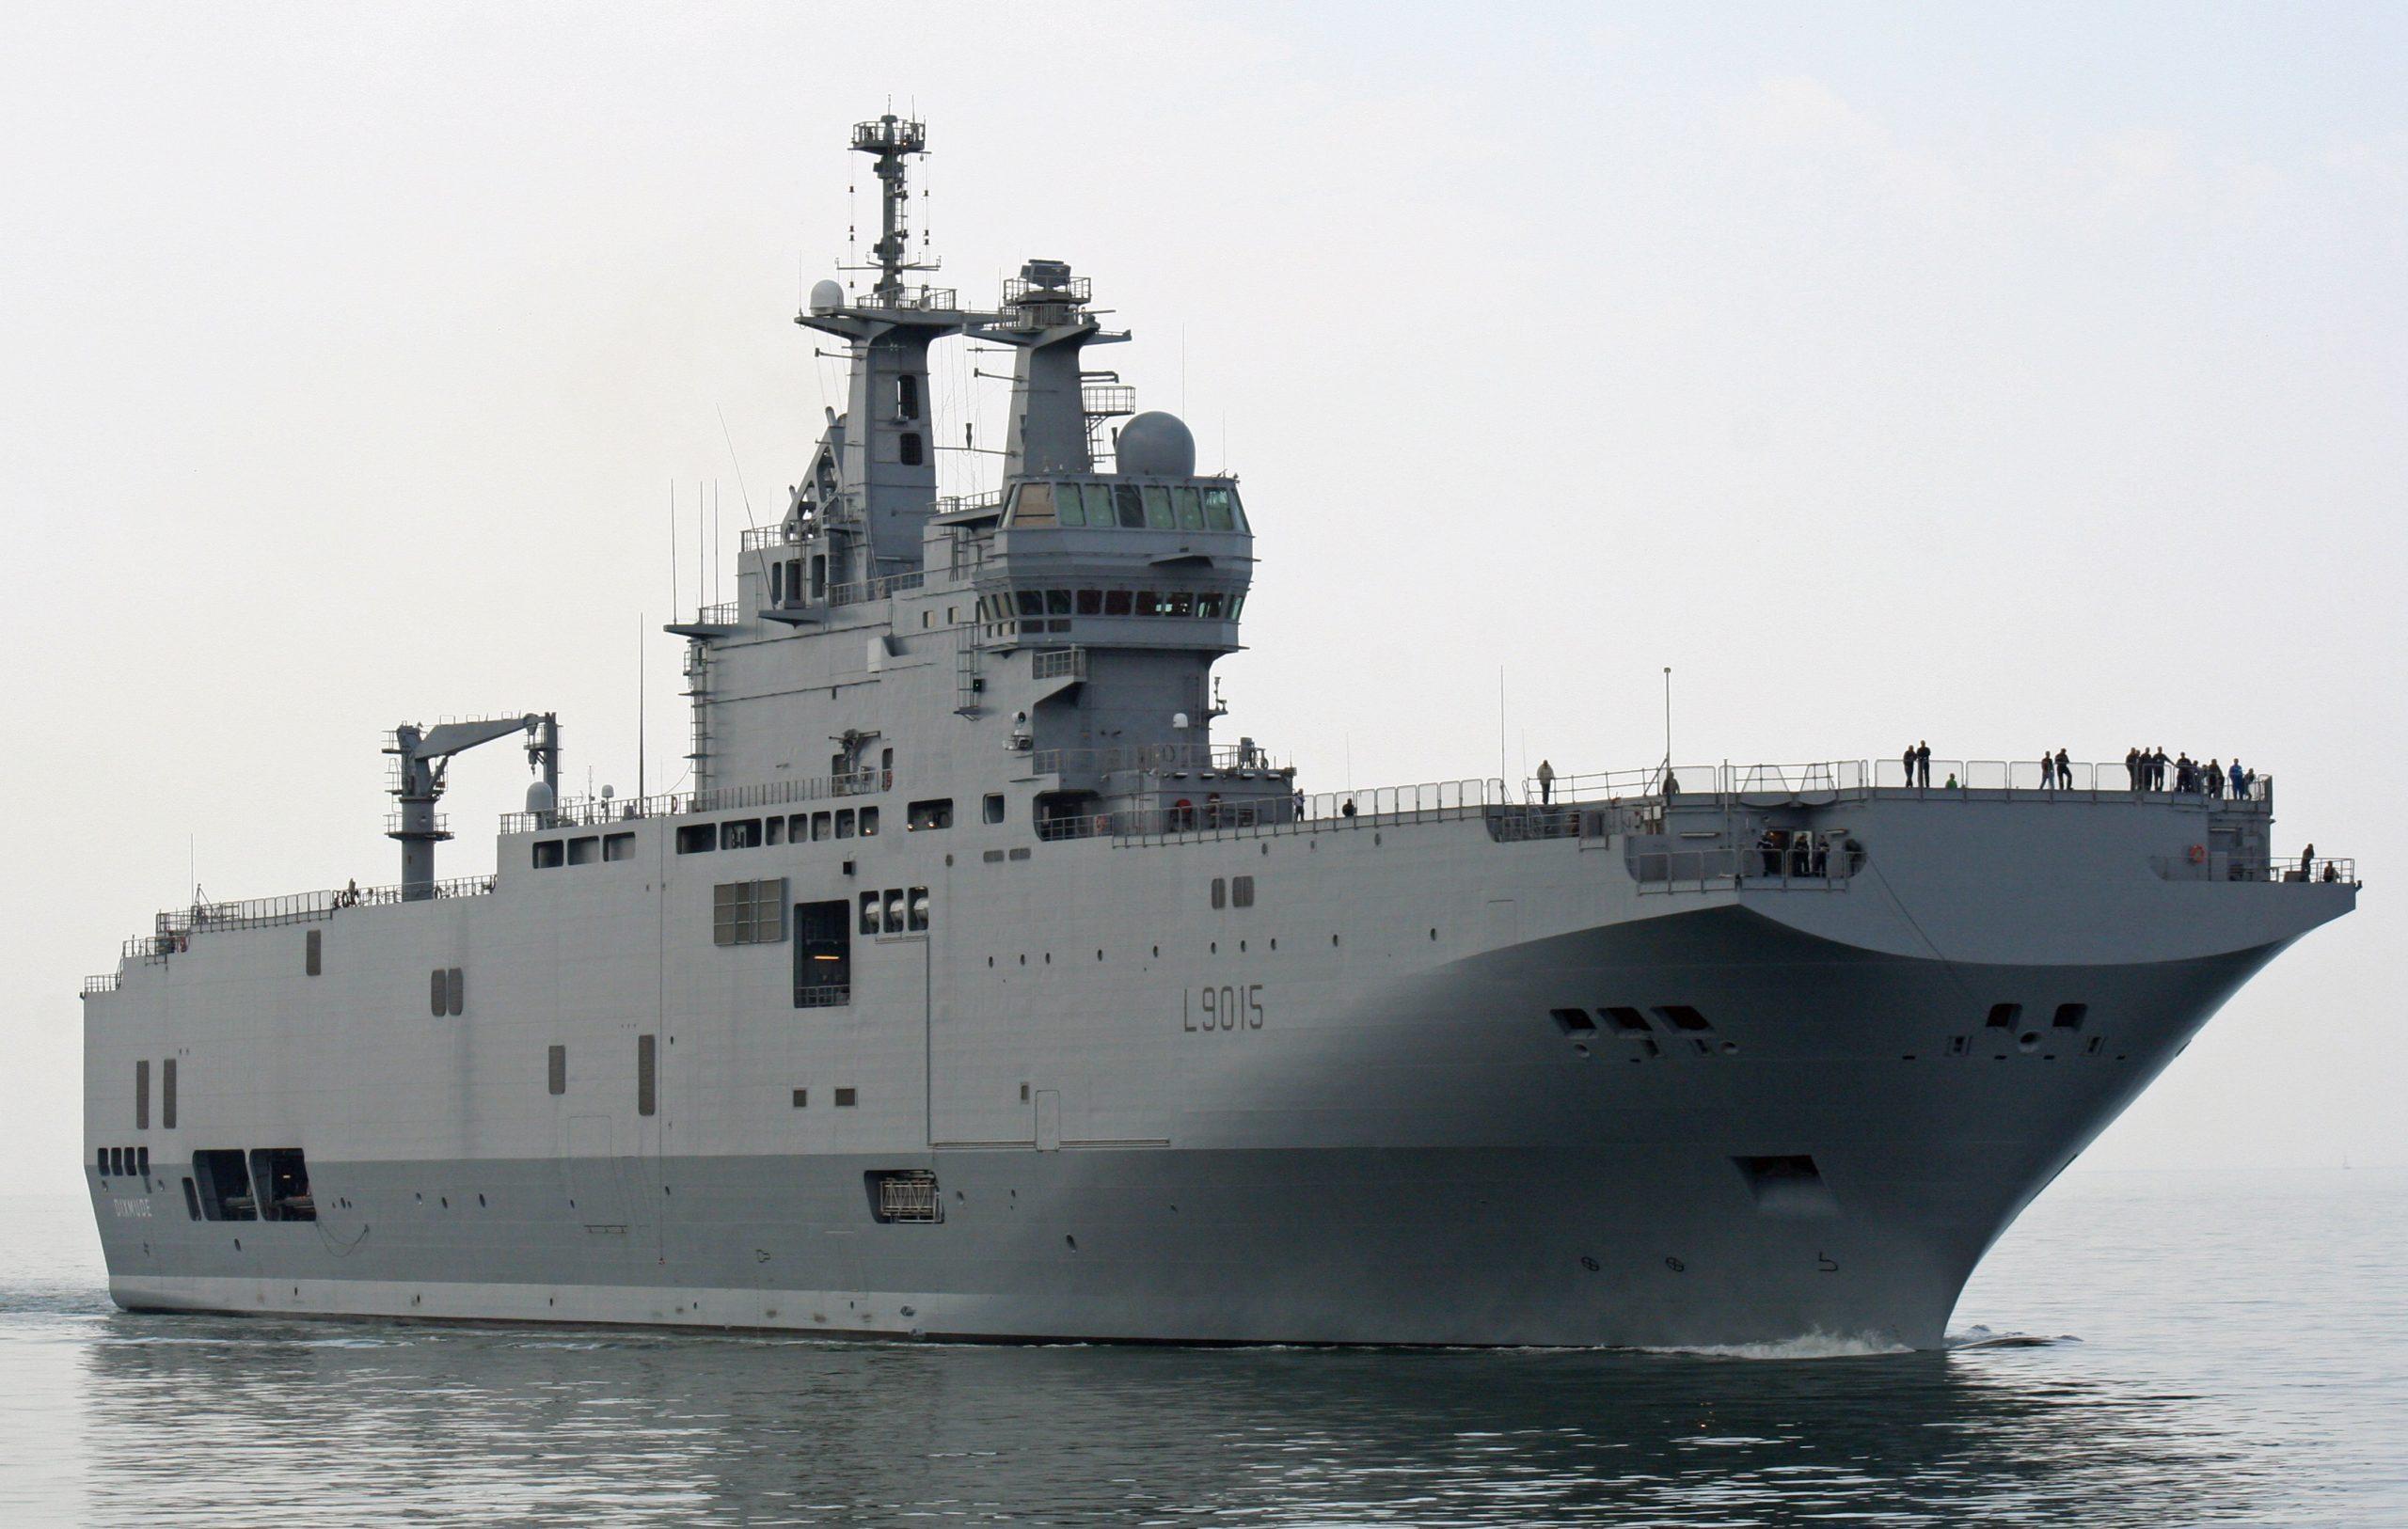 Embarquement sur le Dixmude, fleuron de la Marine nationale